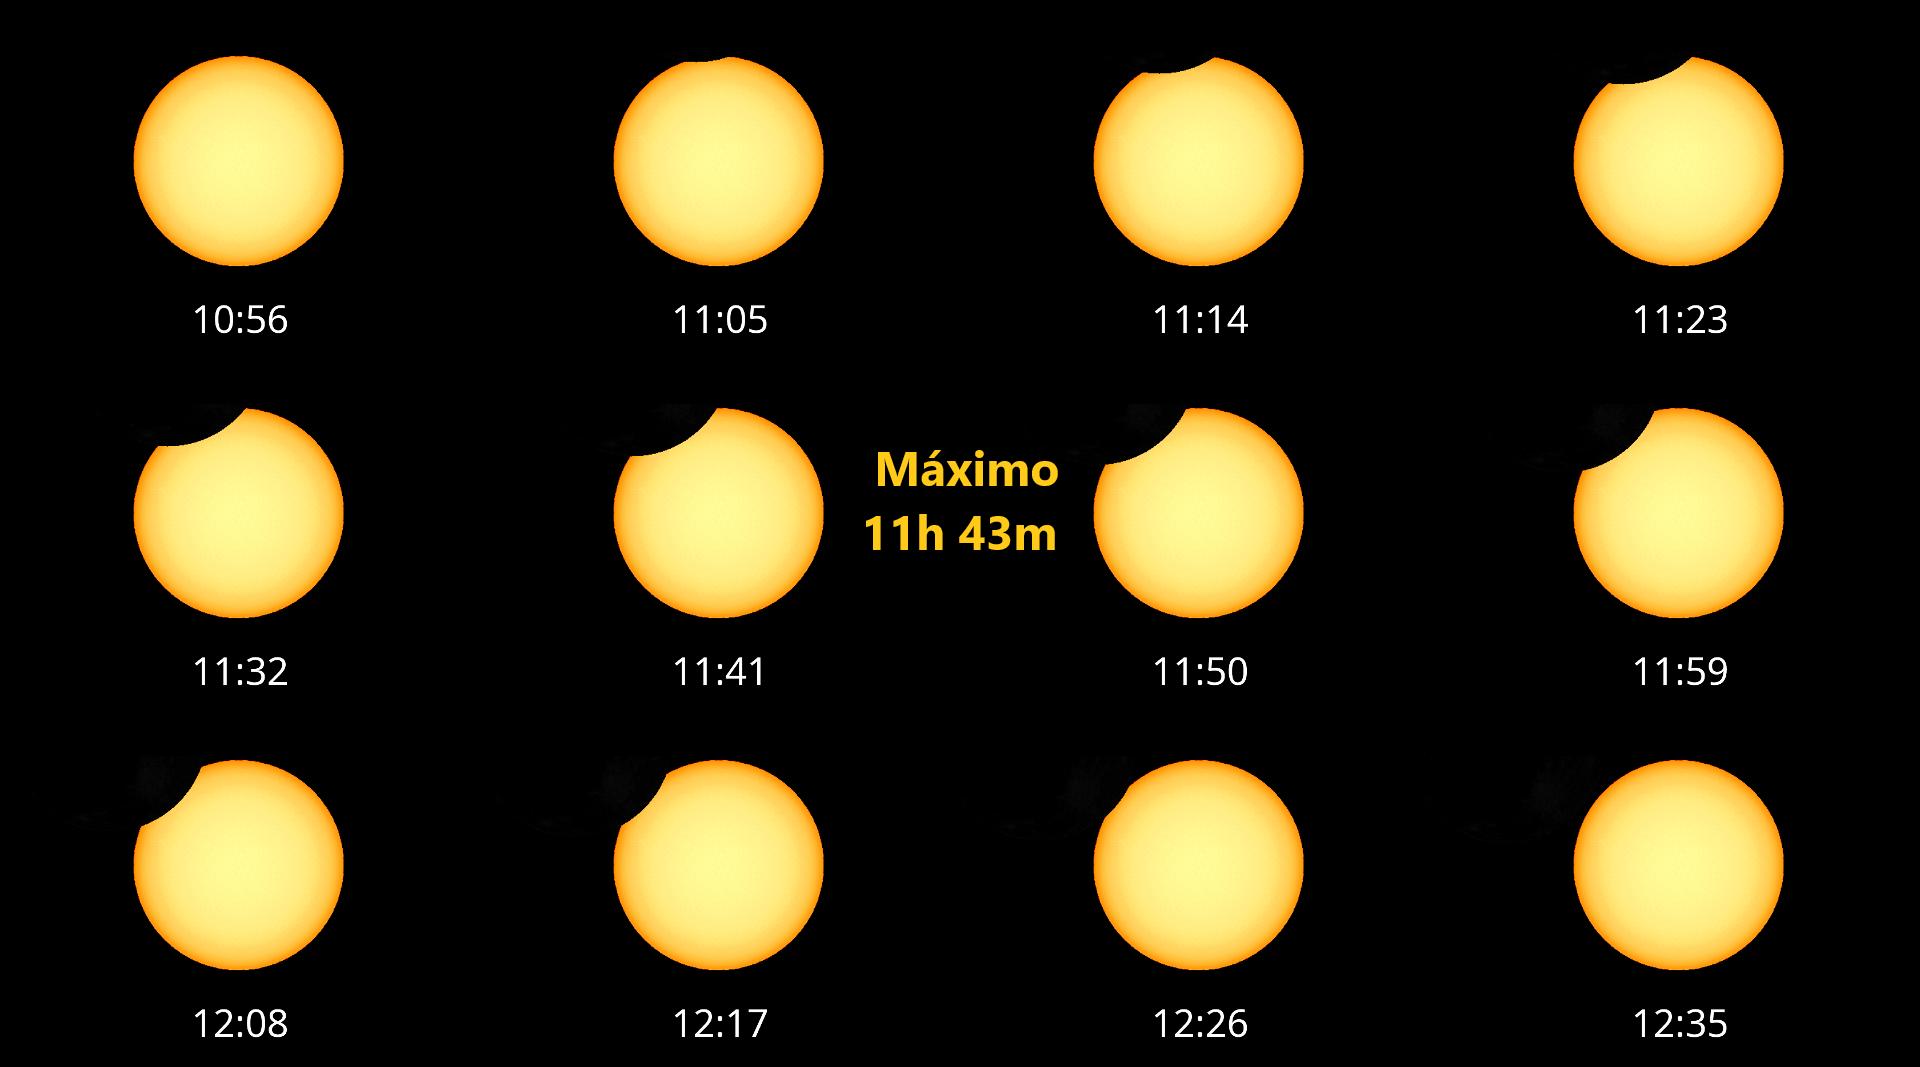 Desarrollo el eclipse en Madrid (hora oficial peninsular)